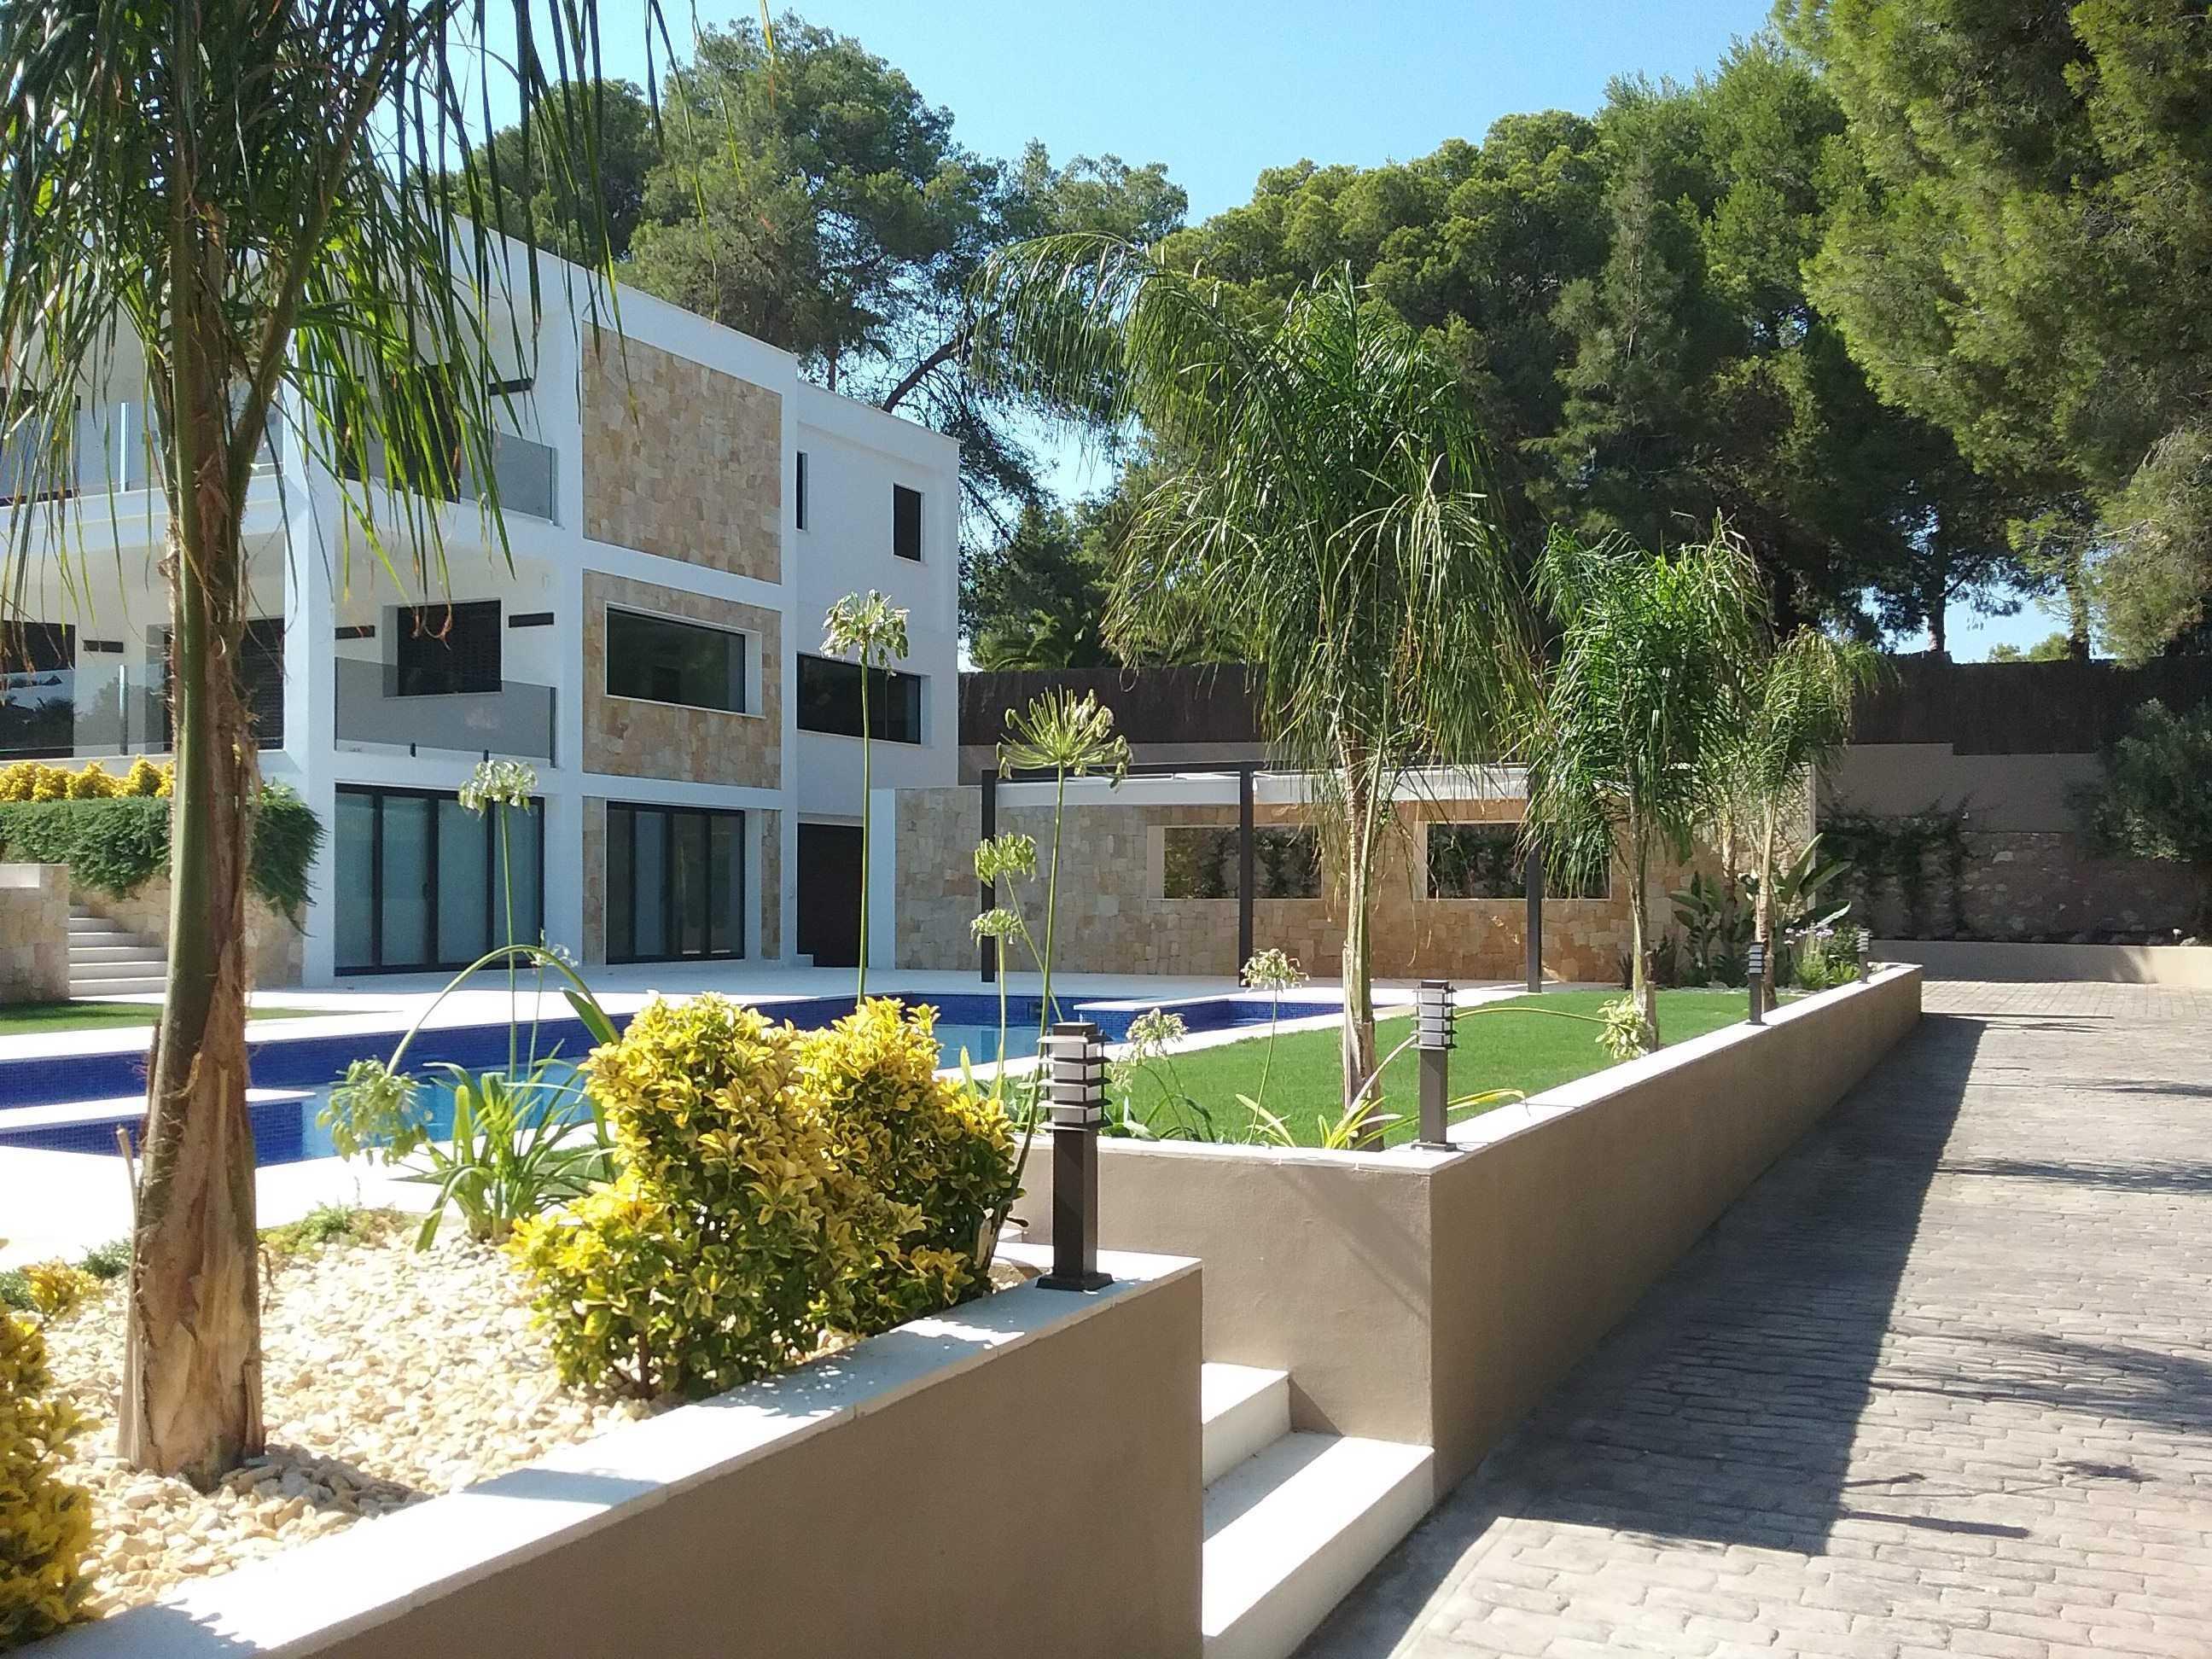 Jardín privado en Urbanización (Valencia)